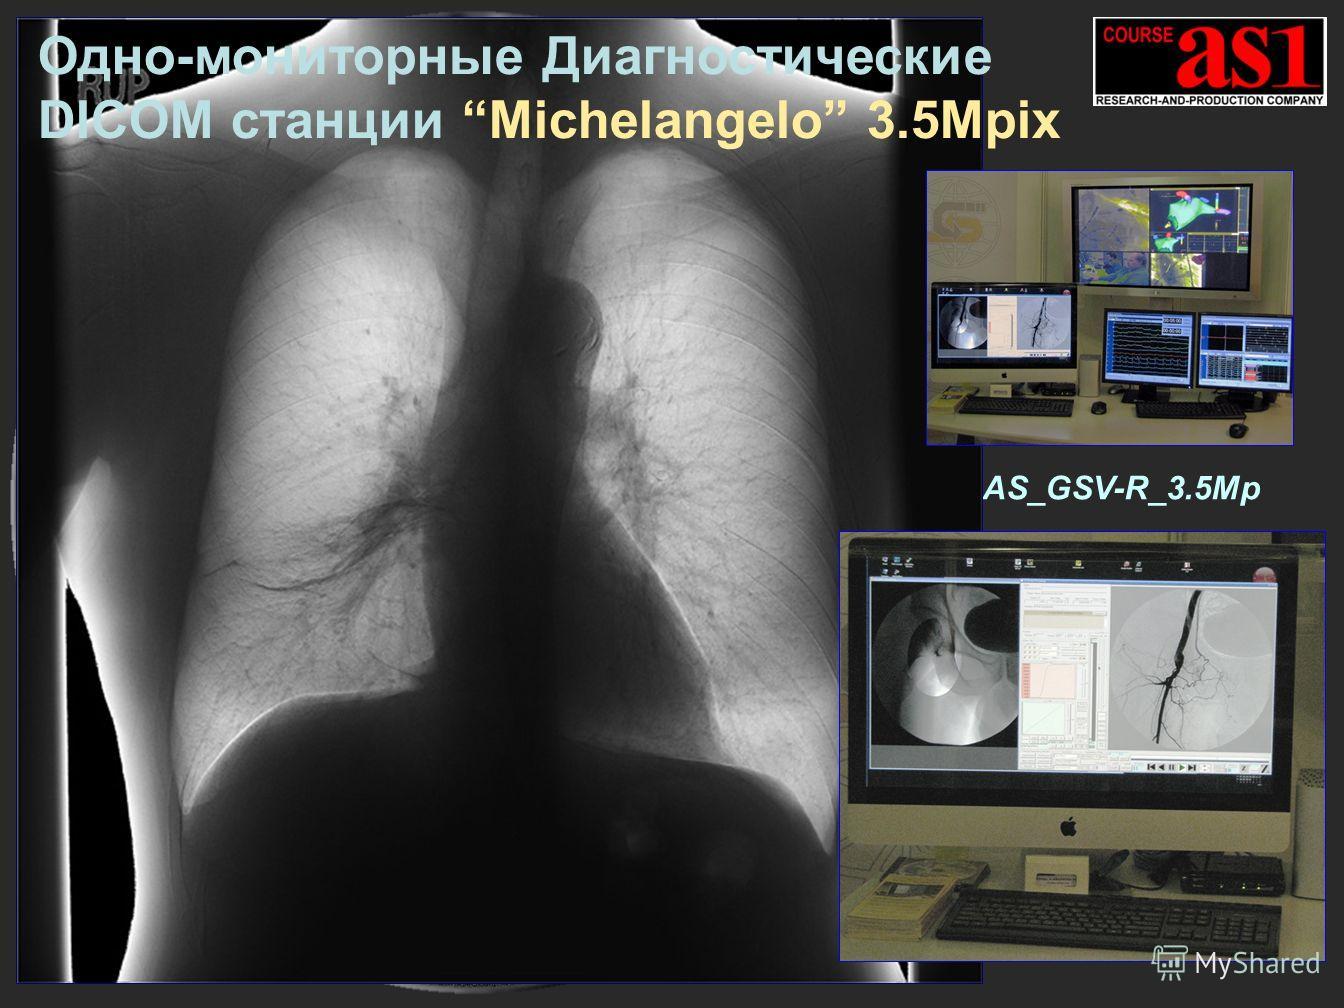 AS_GSV-R_3.5Mp Одно-мониторные Диагностические DICOM cтанции Michelangelo 3.5Mpix